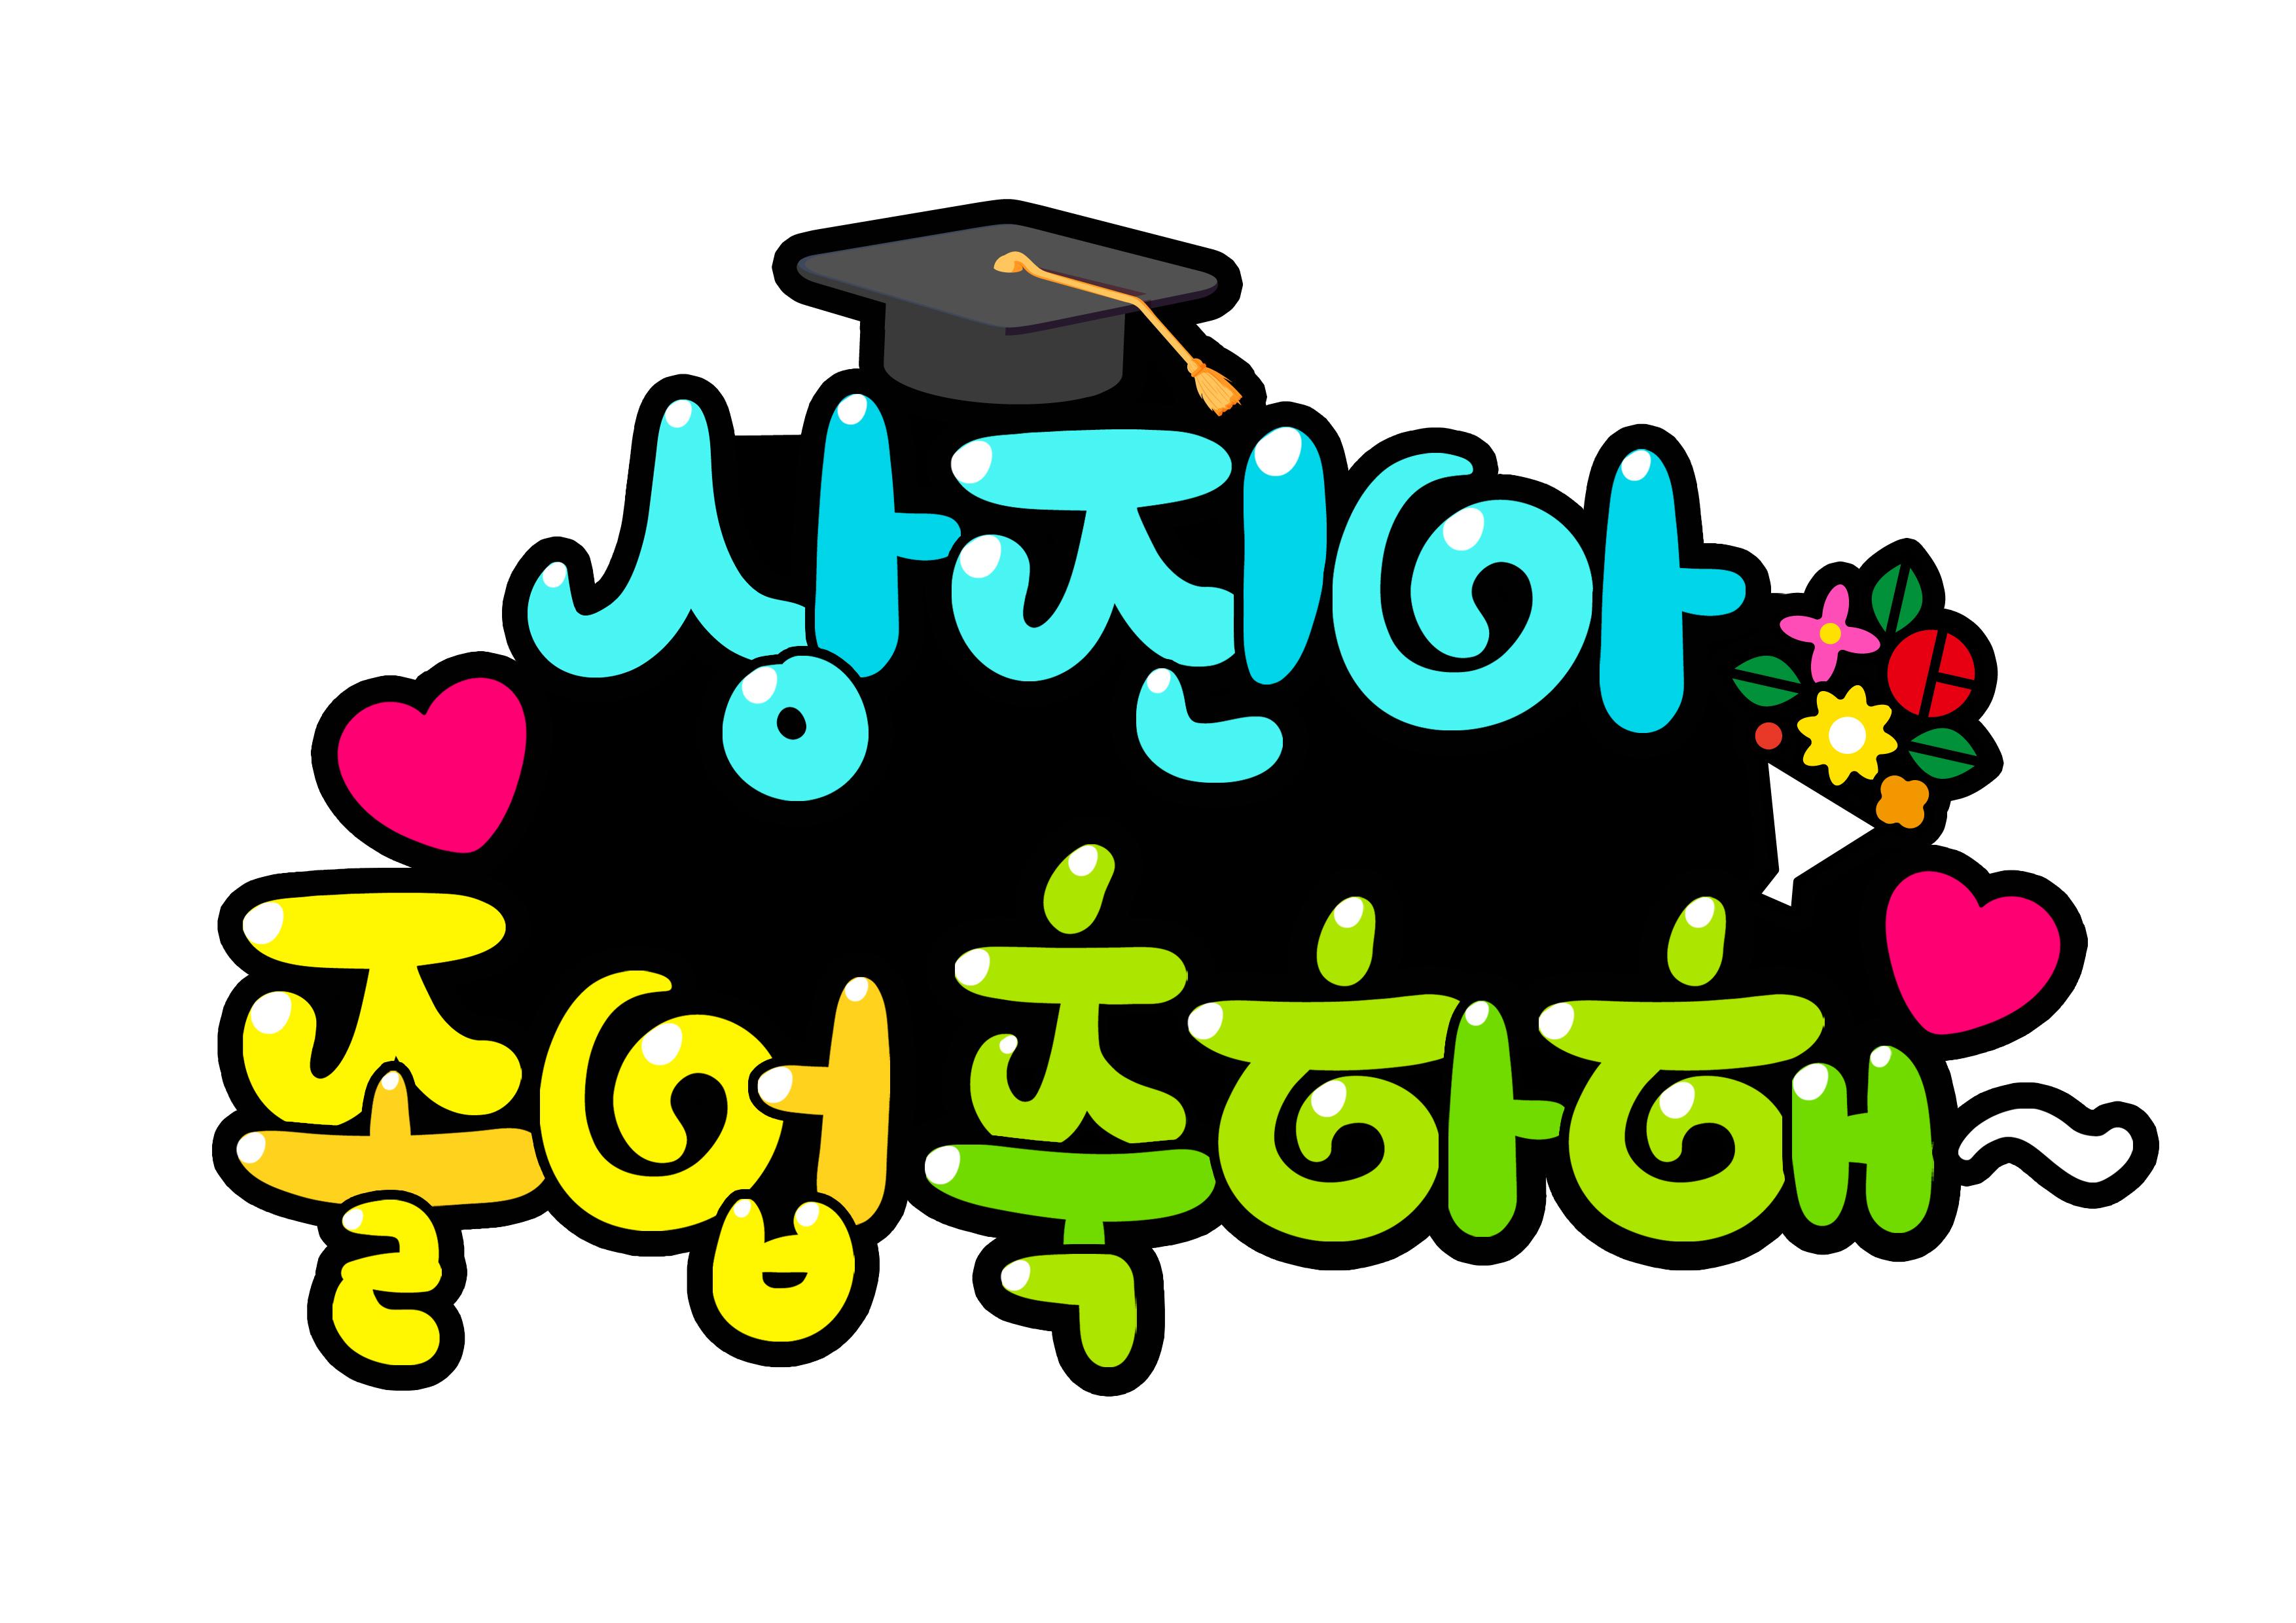 상진아 졸업축하해